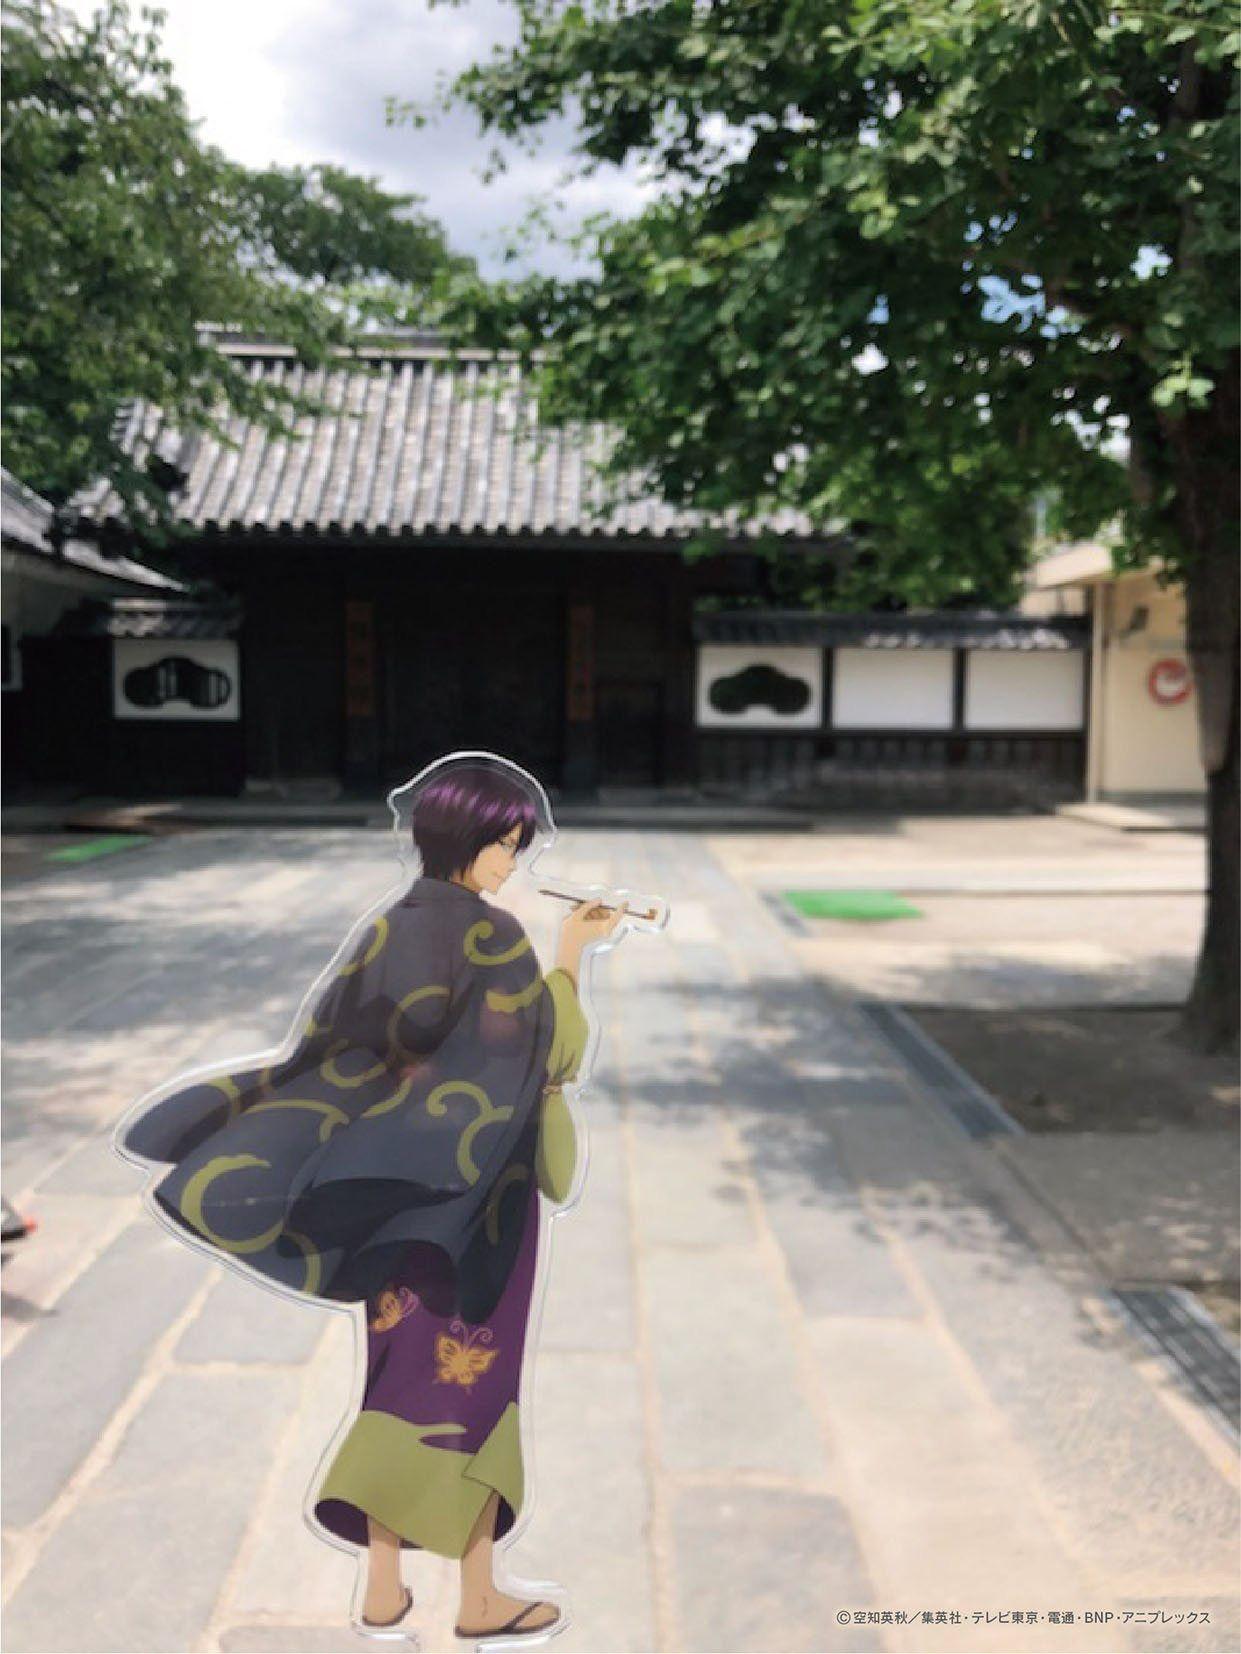 Raznoe Gintama Gintama おしゃれまとめの人気アイデア Pinterest Prorai Shshigm 銀魂 高杉晋助 アニメ 銀魂 ちびまる子ちゃん